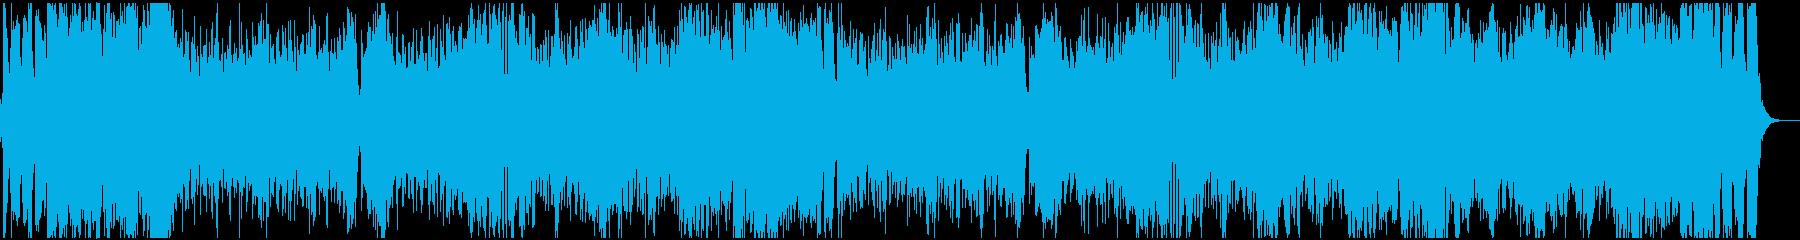 戦隊 ロボット バトル 主題歌 インストの再生済みの波形